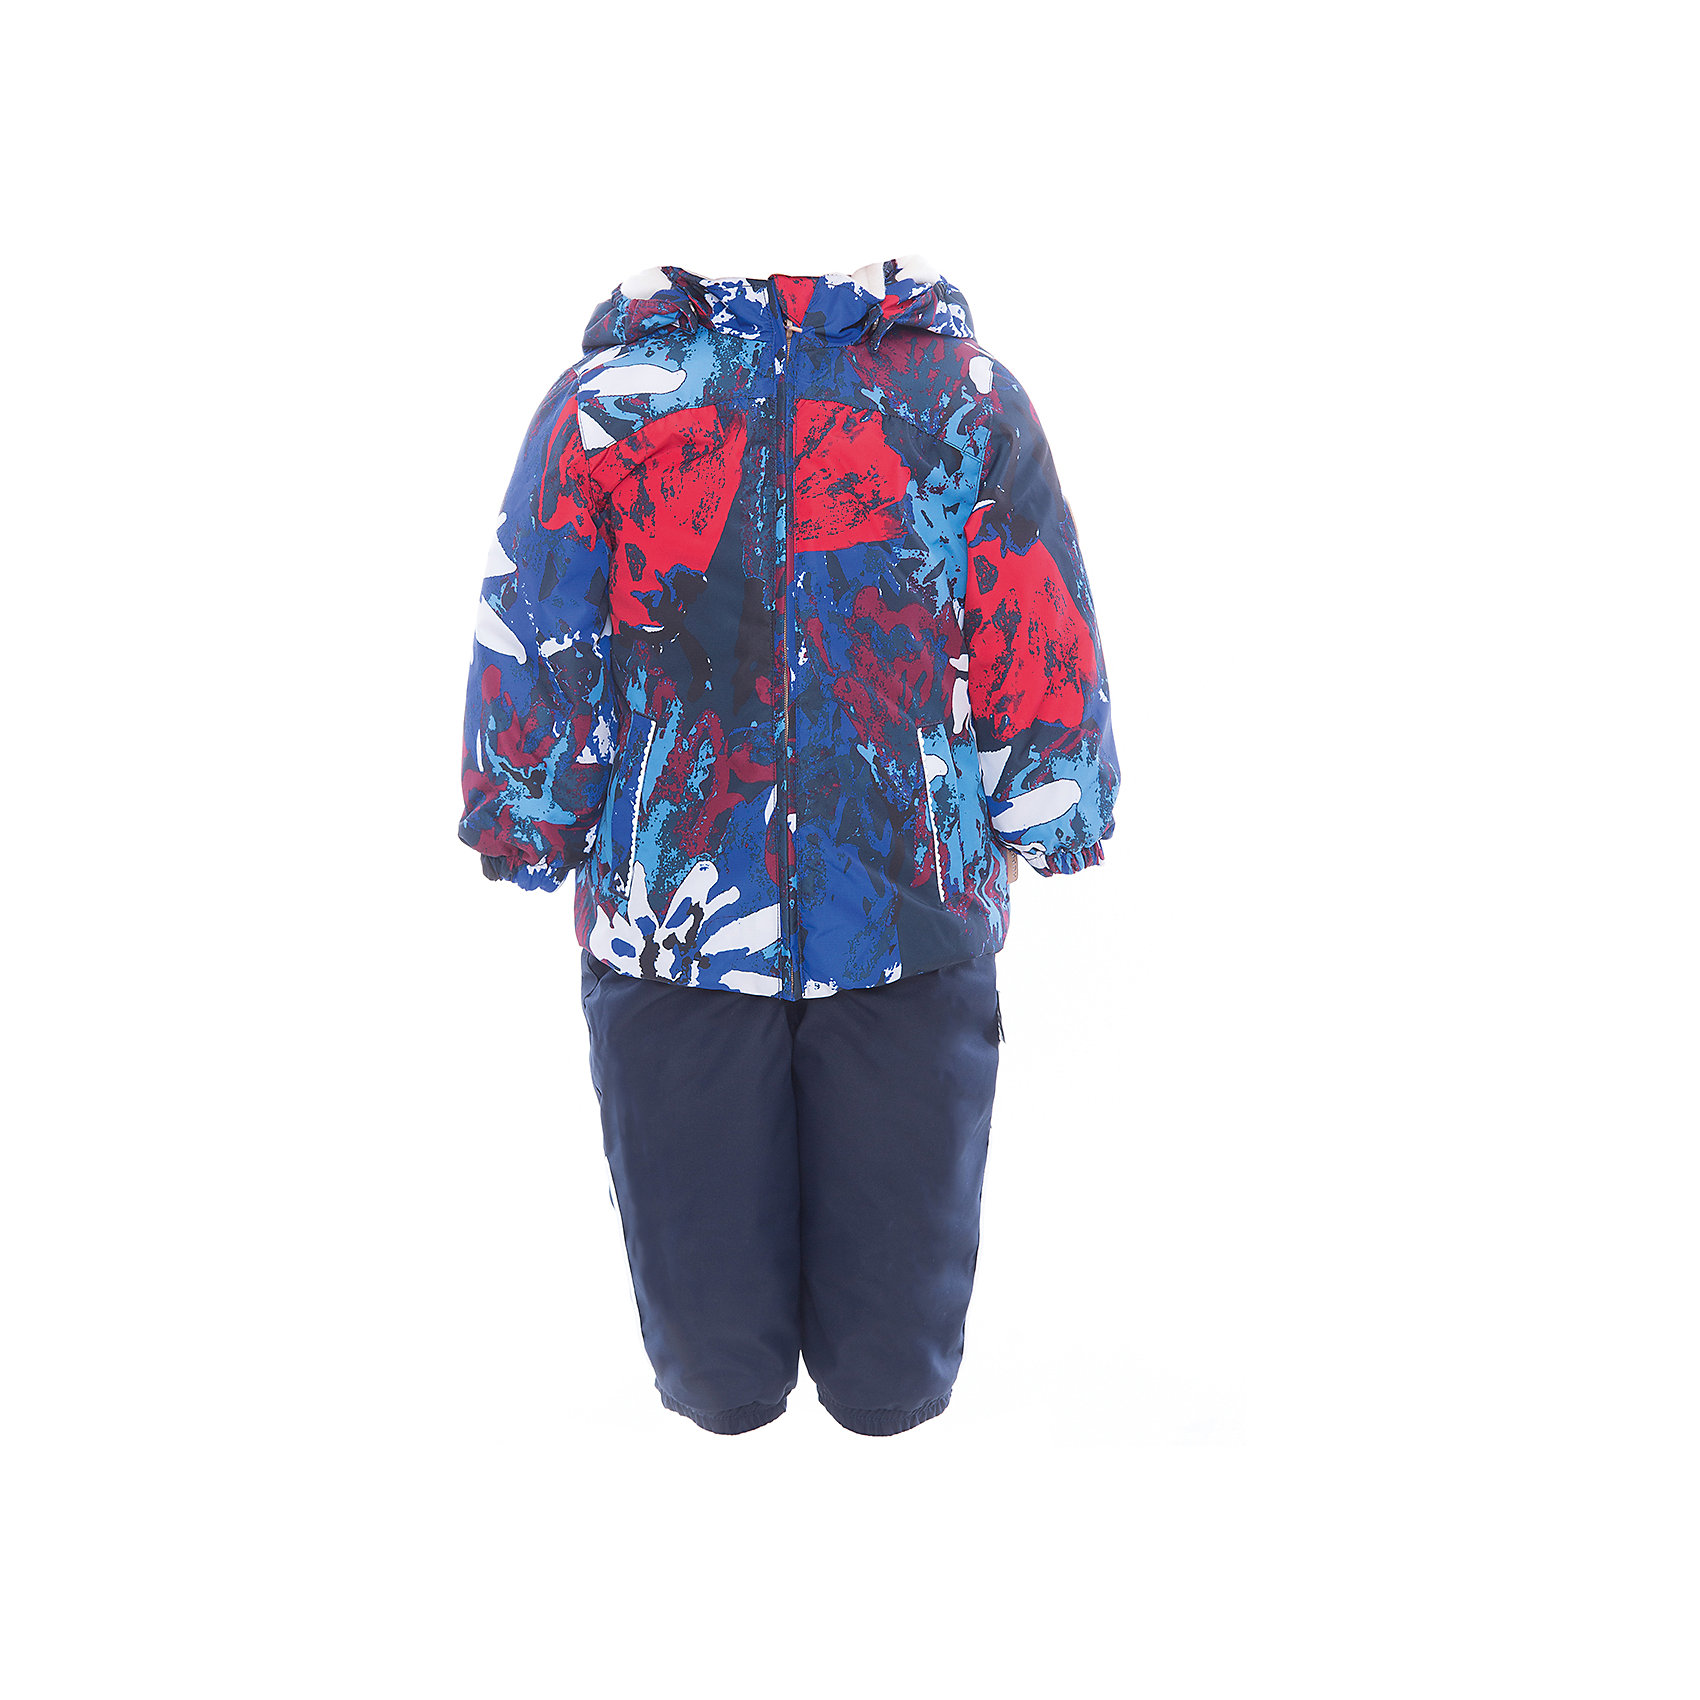 Комплект: куртка и полукомбинезон для девочки CLARA HuppaКомплекты<br>Характеристики товара:<br><br>• цвет: синий принт/тёмно-синий<br>• комплектация: куртка и полукомбинезон <br>• ткань: 100% полиэстер<br>• подкладка: Coral-fleece смесь хлопка и полиэстера, в рукавах - тафта 100% полиэстер<br>• утеплитель: 100% полиэстер; куртка 100 г, полукомбинезон 40 г<br>• температурный режим: от -5°С до +10°С<br>• водонепроницаемость: верх - 5000 мм, низ - 10000 мм<br>• воздухопроницаемость: верх - 5000 мм, низ - 10000 мм<br>• светоотражающие детали<br>• шов сидения проклеен<br>• съёмный капюшон с резинкой<br>• эластичные манжеты на рукавах<br>• манжеты брюк с резинкой<br>• съёмные эластичные штрипки<br>• без внутренних швов<br>• резиновые подтяжки<br>• коллекция: весна-лето 2017<br>• страна бренда: Эстония<br><br>Такой модный демисезонный комплект  обеспечит детям тепло и комфорт. Он сделан из материала, отталкивающего воду, и дополнен подкладкой с утеплителем, поэтому изделие идеально подходит для межсезонья. Материал изделий - с мембранной технологией: защищая от влаги и ветра, он легко выводит лишнюю влагу наружу. Комплект очень симпатично смотрится. <br><br>Одежда и обувь от популярного эстонского бренда Huppa - отличный вариант одеть ребенка можно и комфортно. Вещи, выпускаемые компанией, качественные, продуманные и очень удобные. Для производства изделий используются только безопасные для детей материалы. Продукция от Huppa порадует и детей, и их родителей!<br><br>Комплект: куртка и полукомбинезон CLARA от бренда Huppa (Хуппа) можно купить в нашем интернет-магазине.<br><br>Ширина мм: 356<br>Глубина мм: 10<br>Высота мм: 245<br>Вес г: 519<br>Цвет: синий<br>Возраст от месяцев: 36<br>Возраст до месяцев: 48<br>Пол: Женский<br>Возраст: Детский<br>Размер: 104,110,86,92,98,80<br>SKU: 5346594